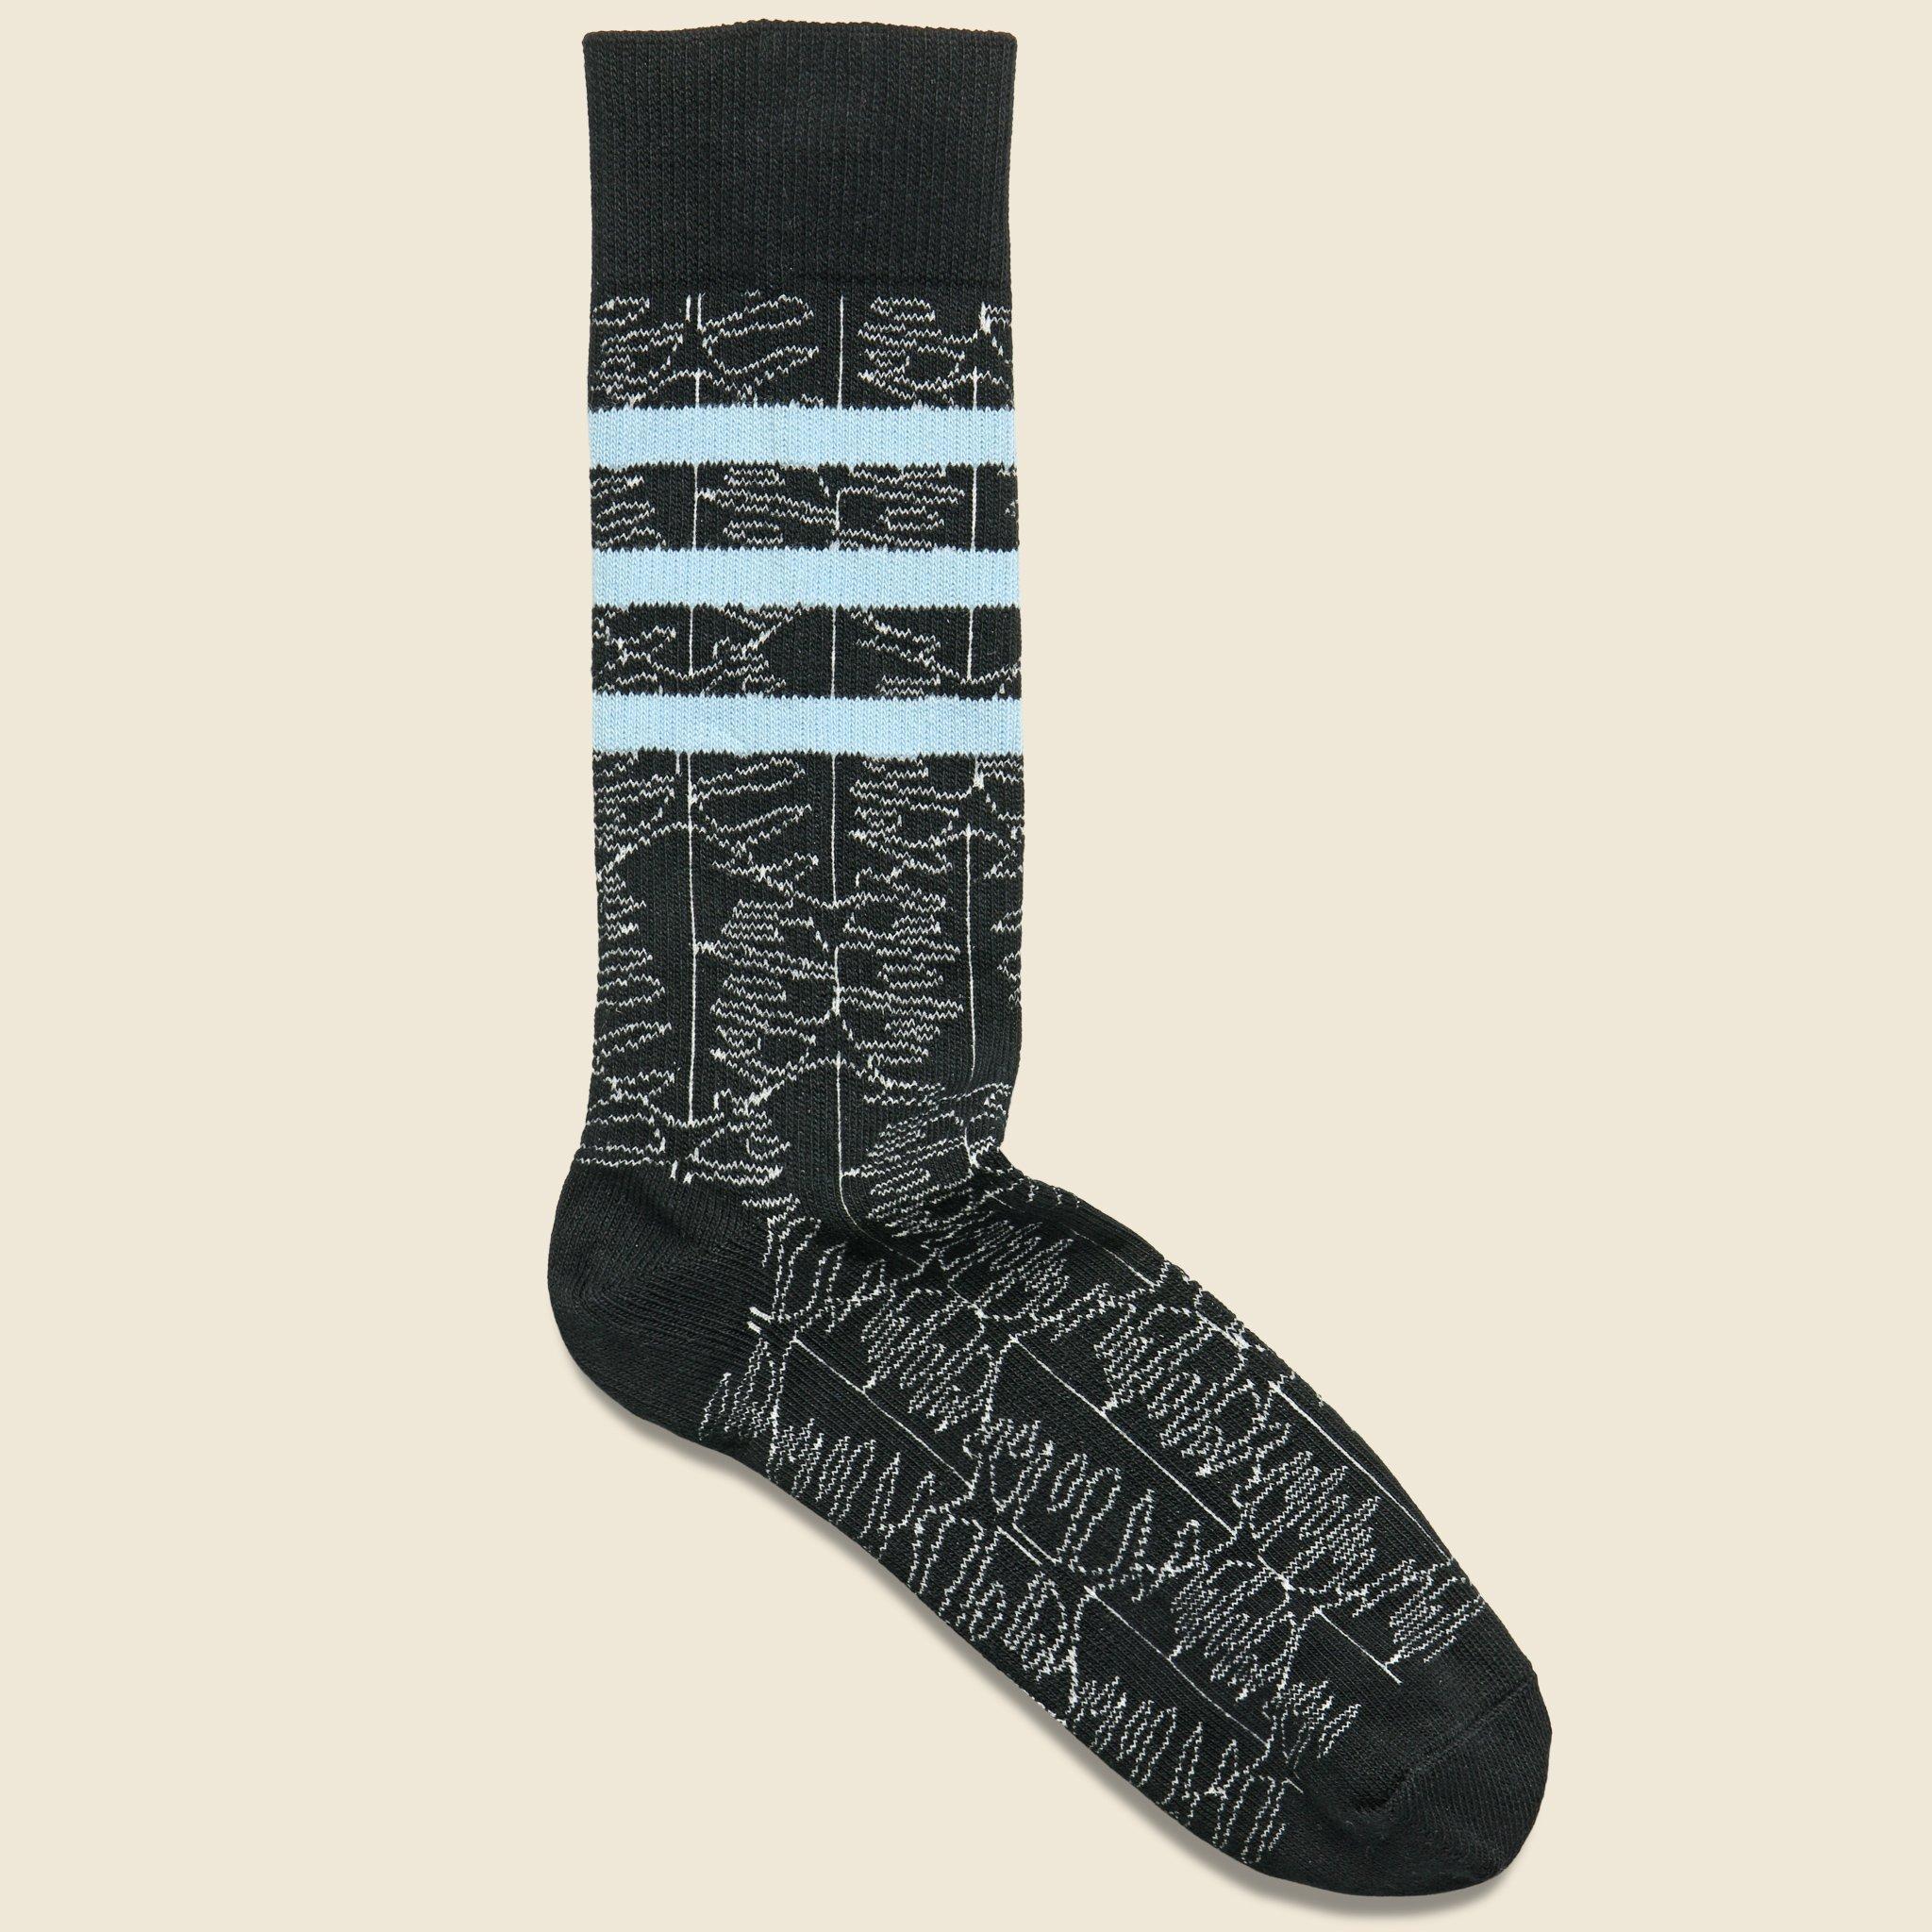 Richer Poorer Cotton Dylan Crew Sock - Black/blue for Men - Lyst